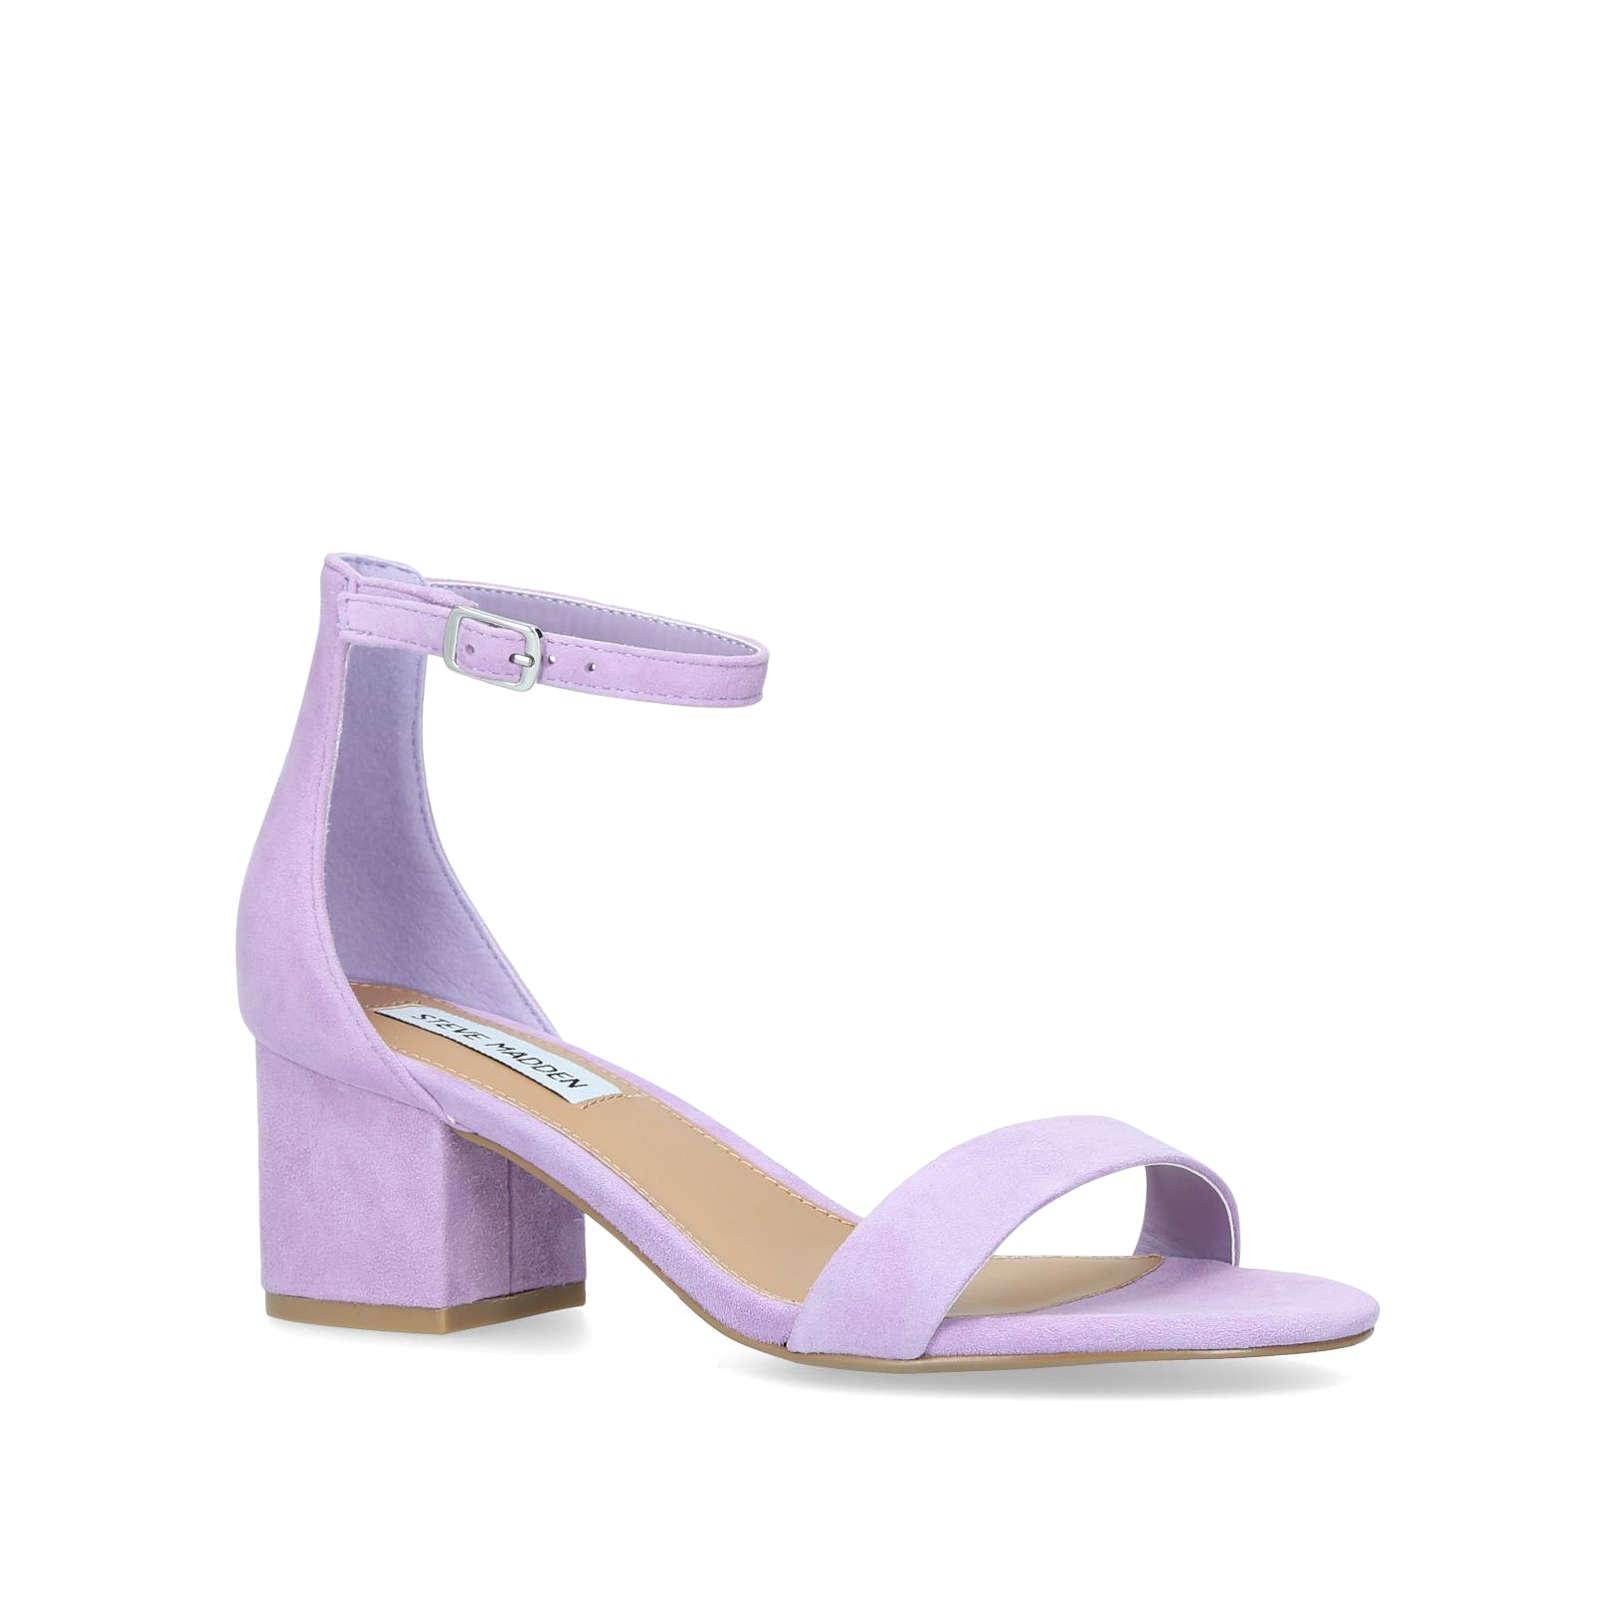 6b88ff60c0b IRENEE Irenee Steve Madden Summer Medium Heel 21-55Mm Lilac by STEVE MADDEN